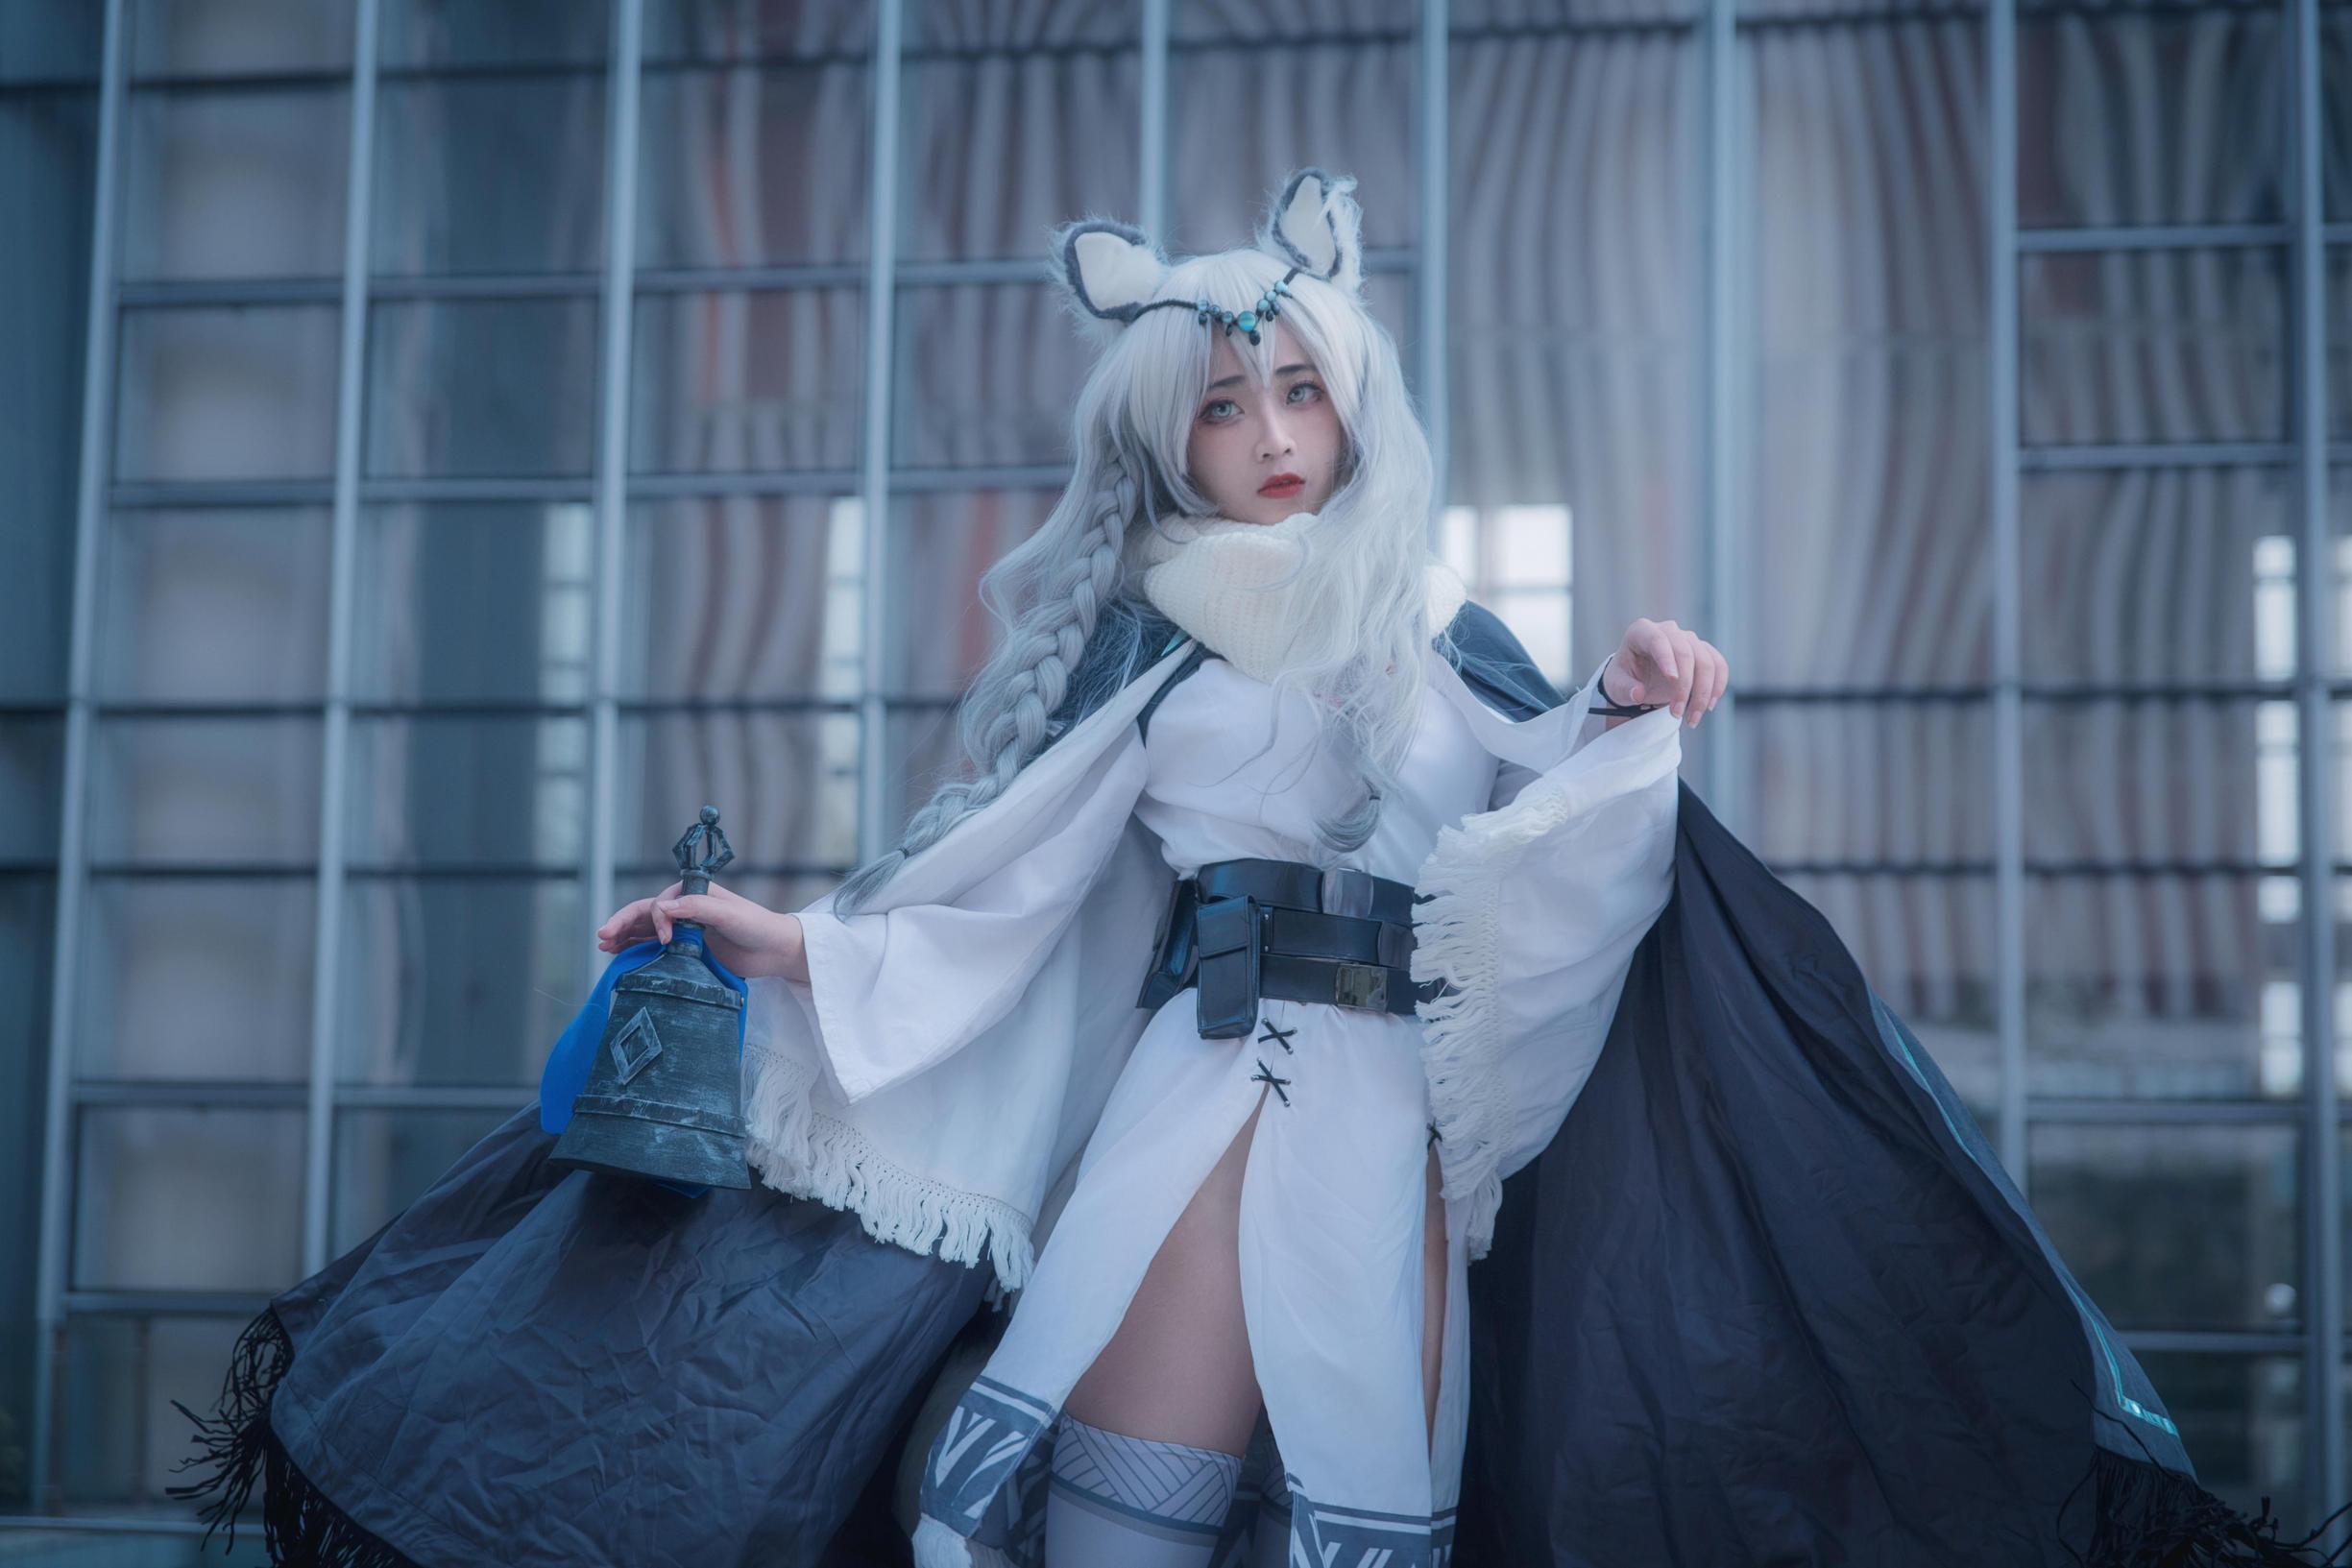 《明日方舟》漫展cosplay【CN:Futaba双叶】 -穿越王者联盟cosplay图片插图